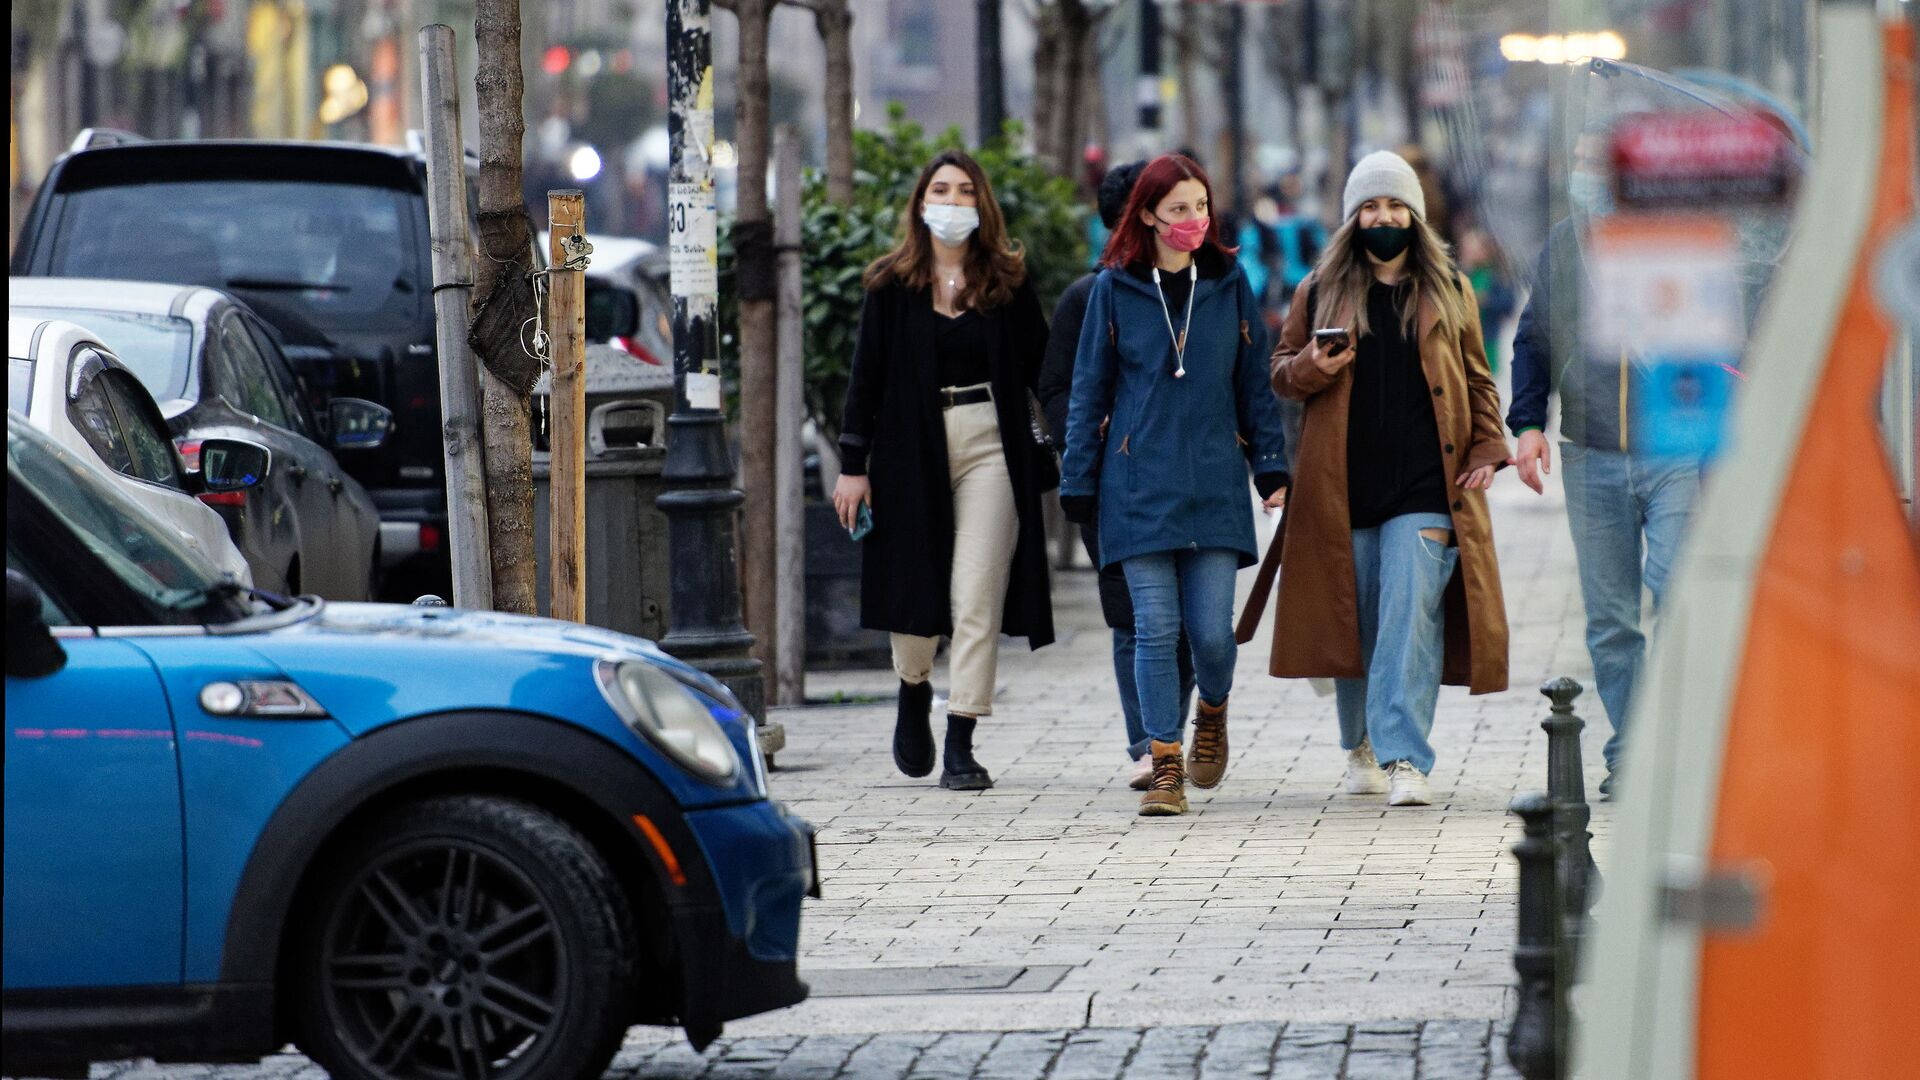 Эпидемия коронавируса - прохожие идут по улице в масках - Sputnik Грузия, 1920, 05.10.2021